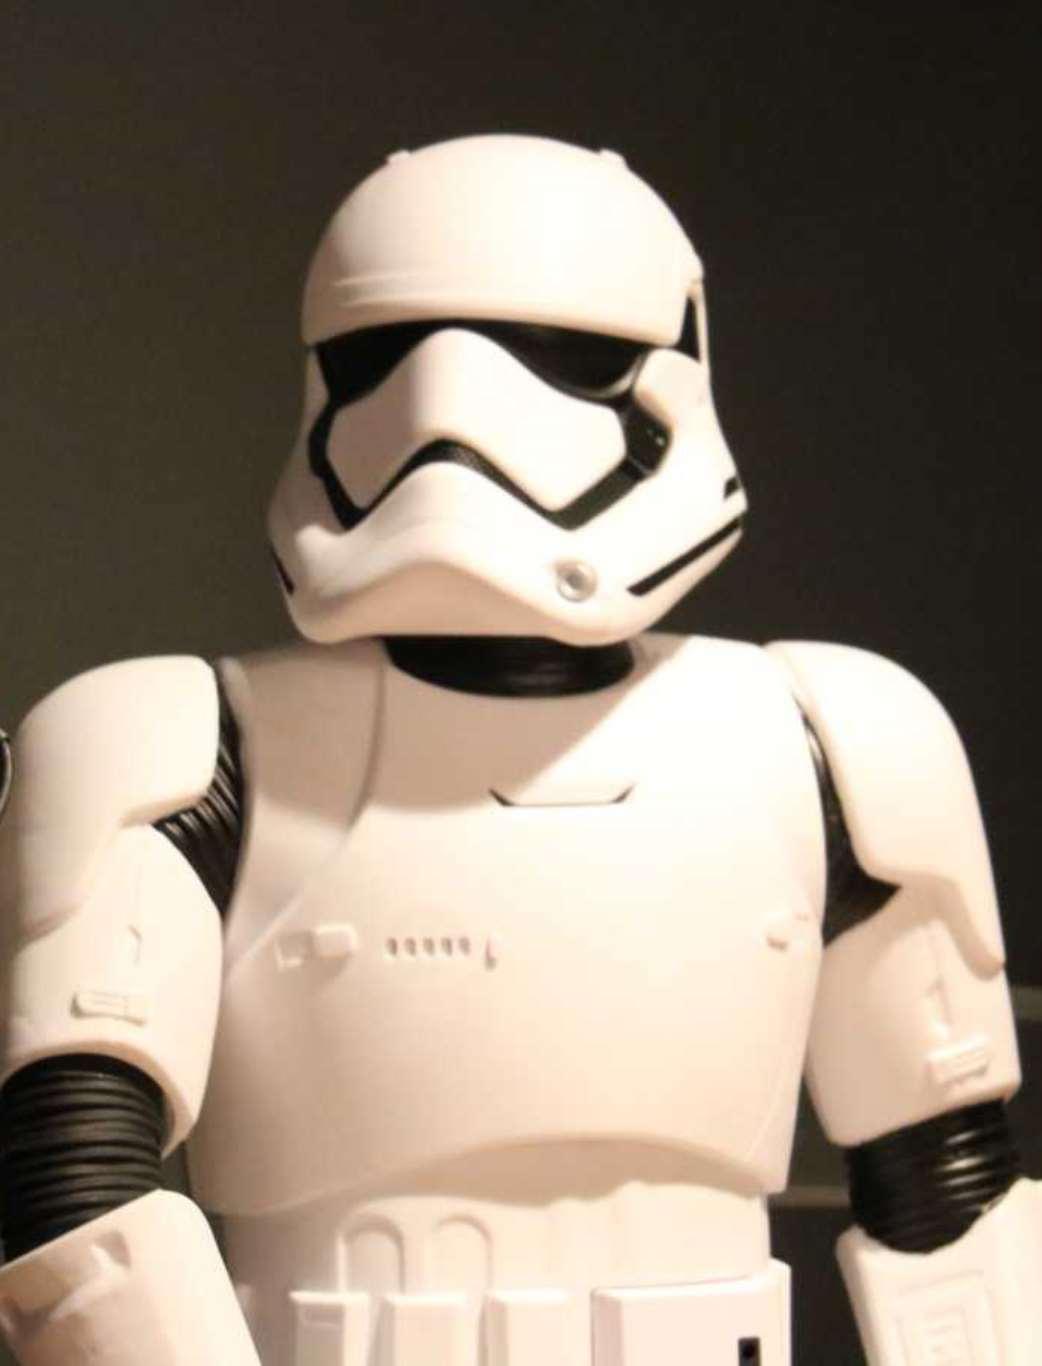 exposición de Star Wars en Alcalá de Henares